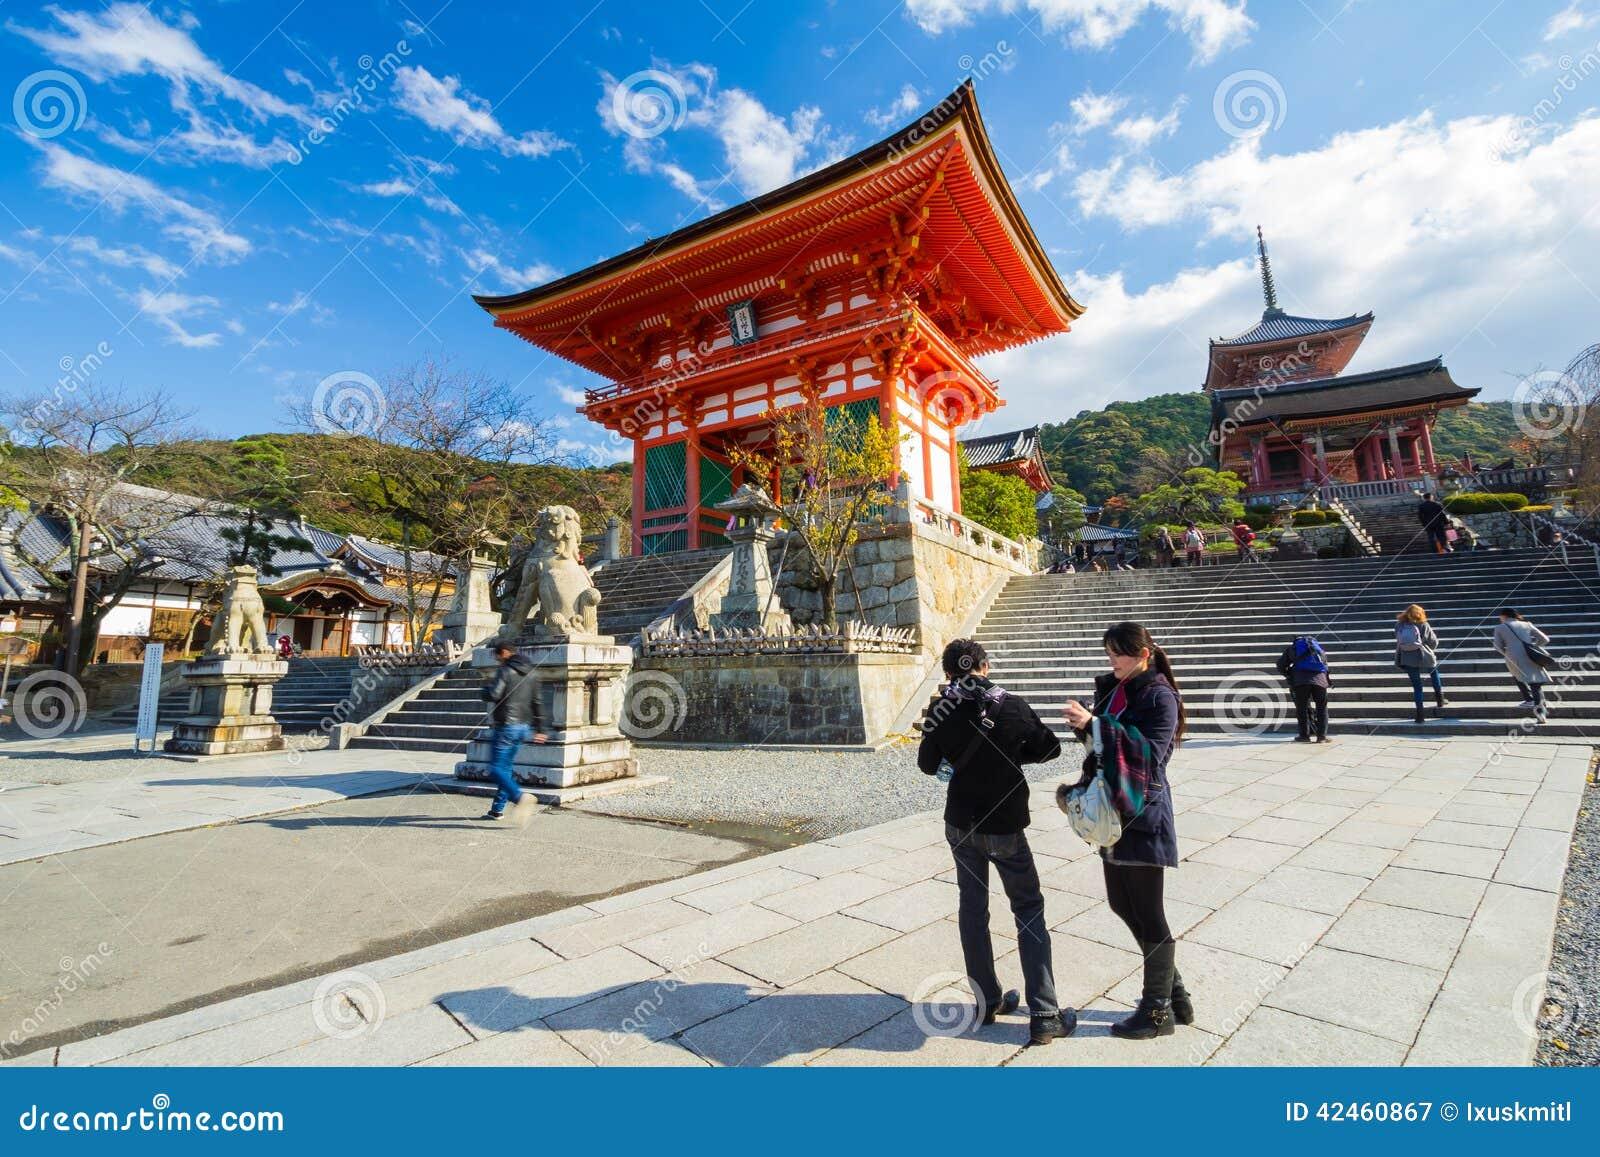 Tempel Kiyomizu Dera in Kyoto, Japan